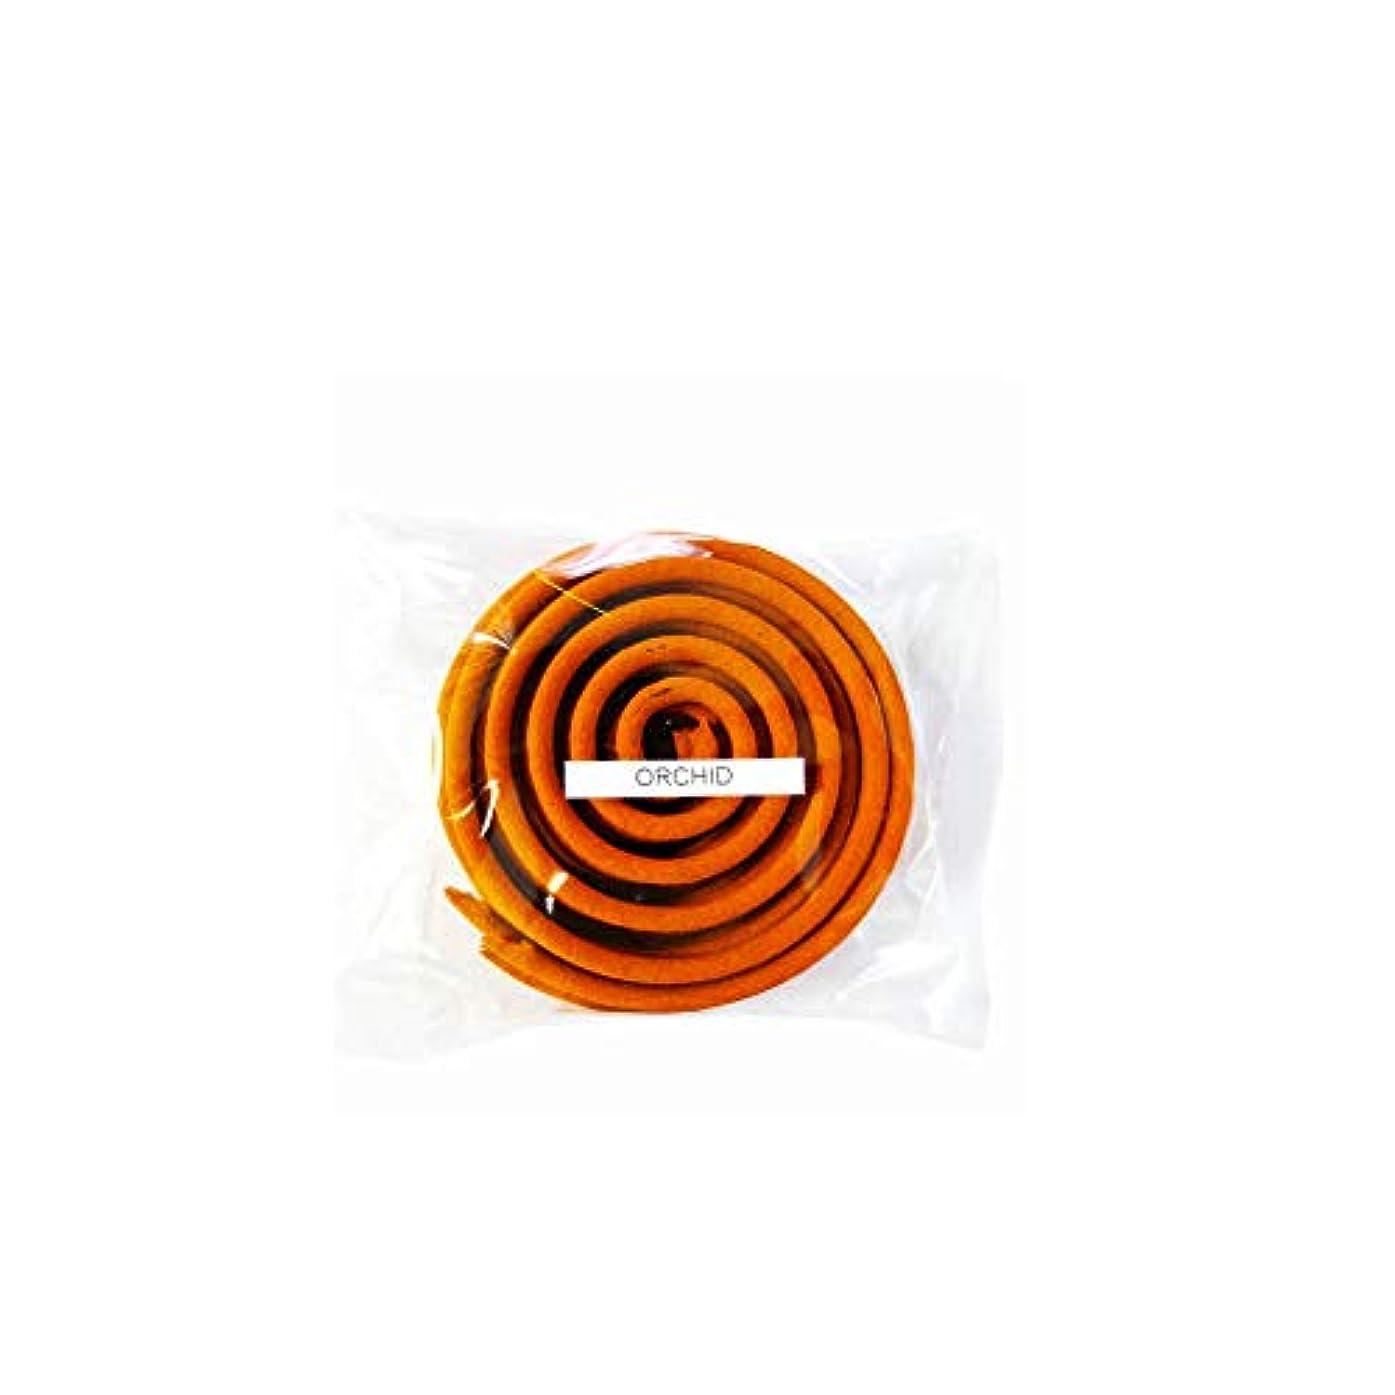 オーディション小学生お香/うずまき香 ORCHID オーキッド 直径6.5cm×5巻セット [並行輸入品]